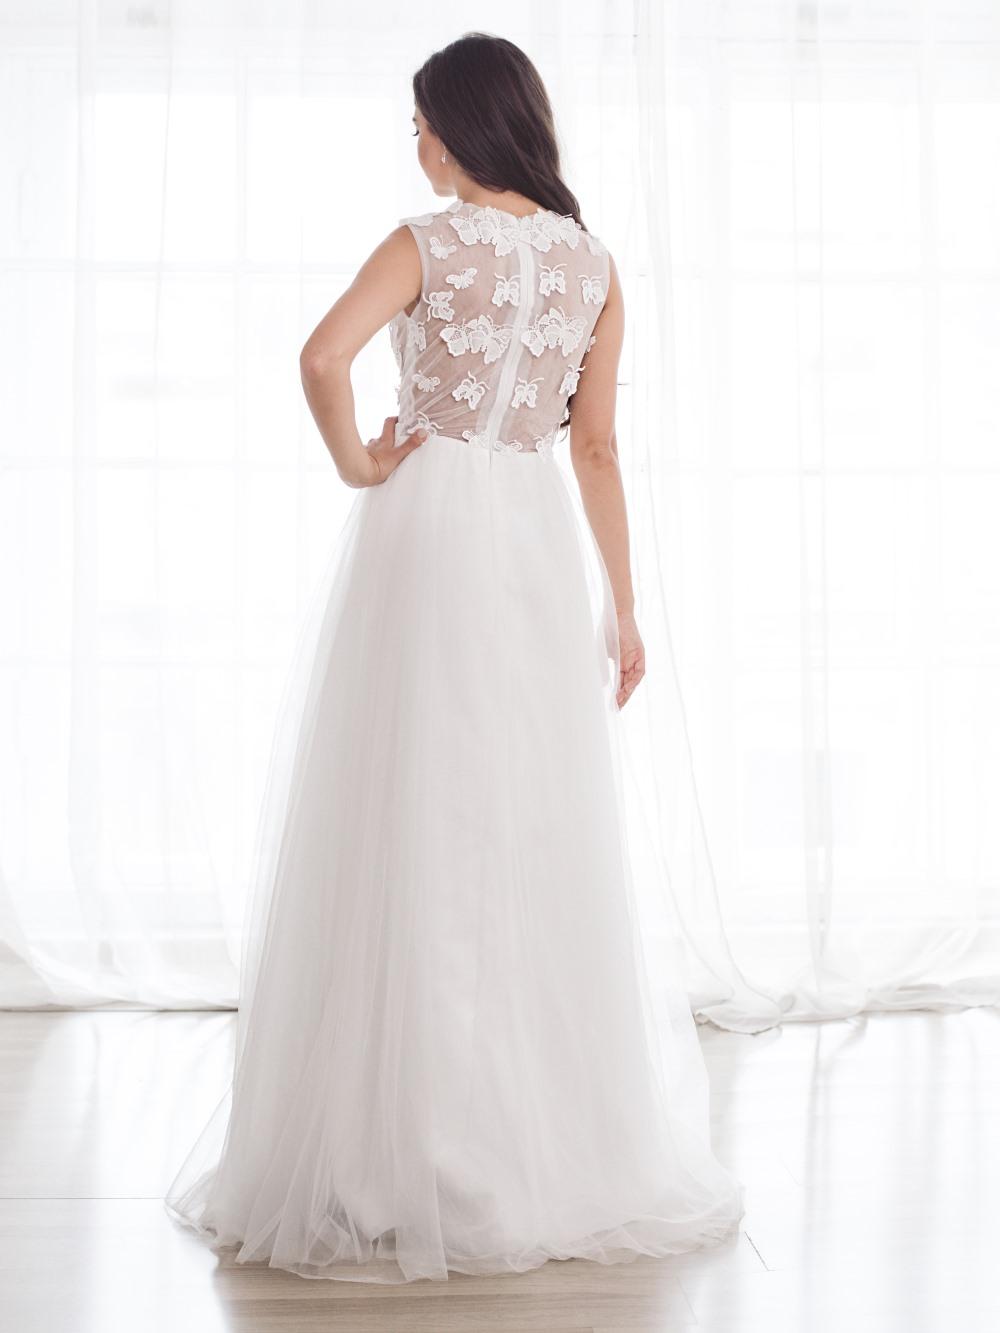 eaf60429f6b Свадебное платье Веста - купить свадебные платья в Санкт-Петербурге